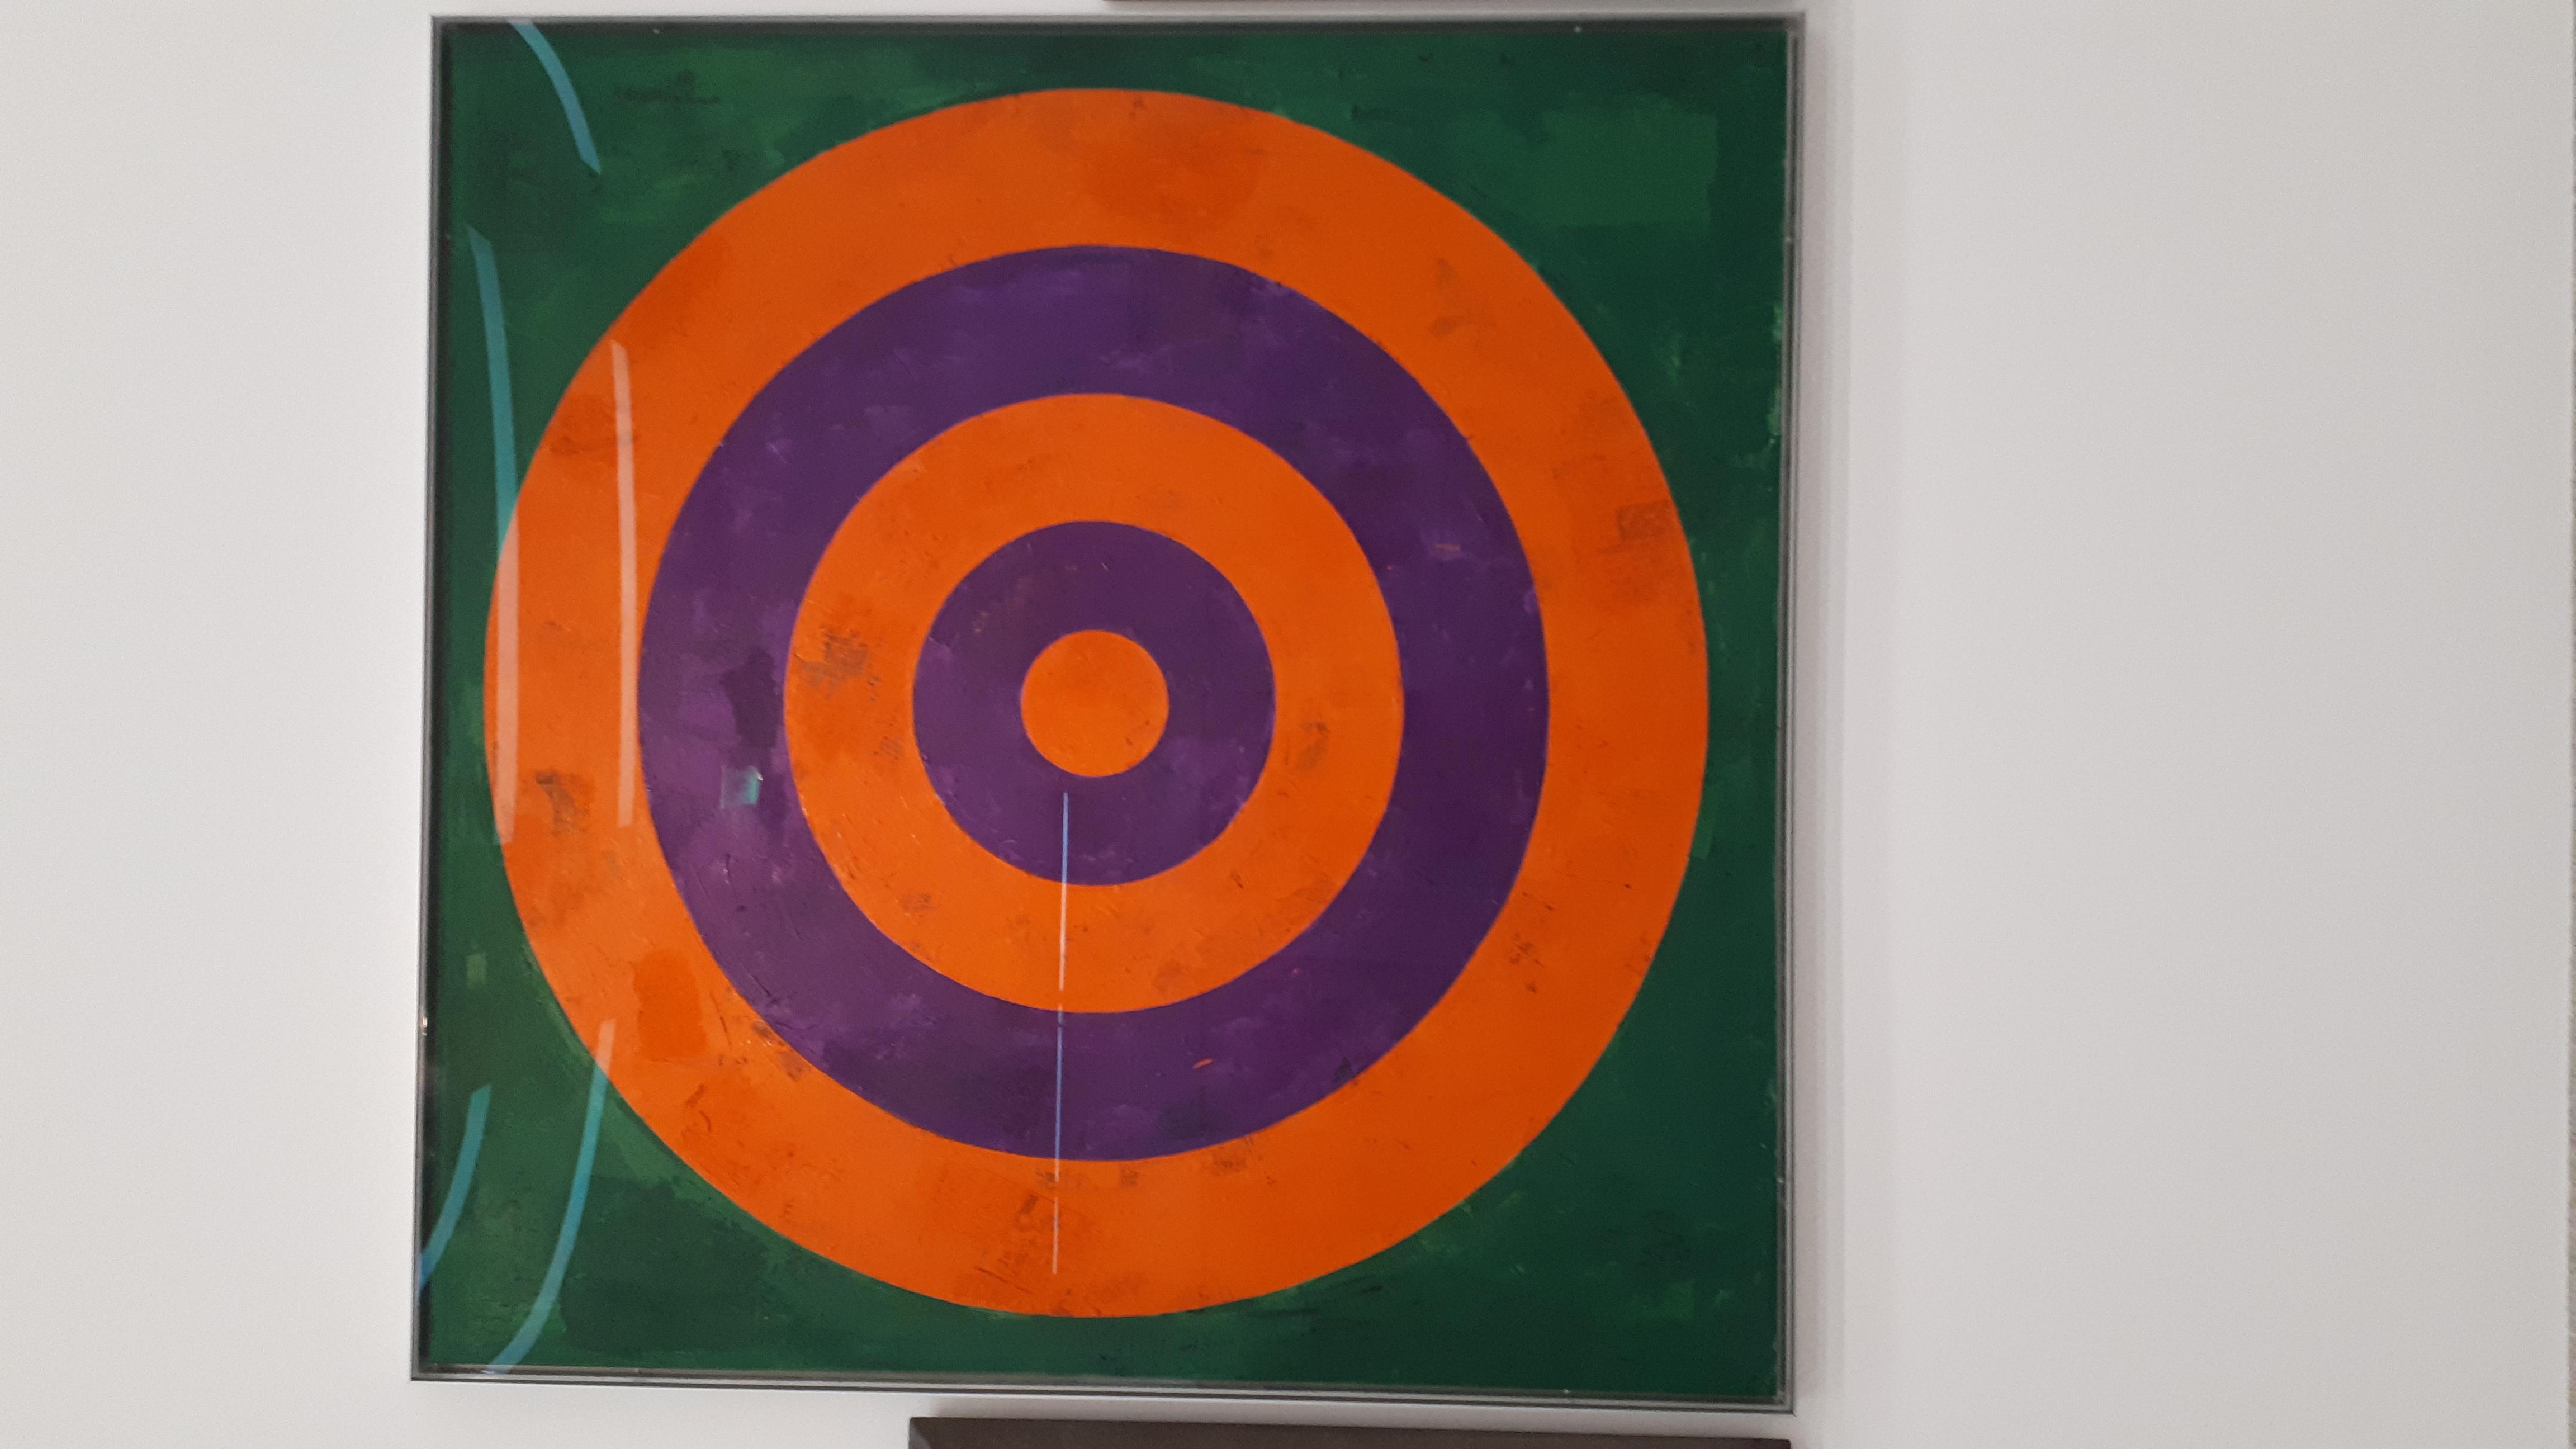 36. Jasper Johns Target